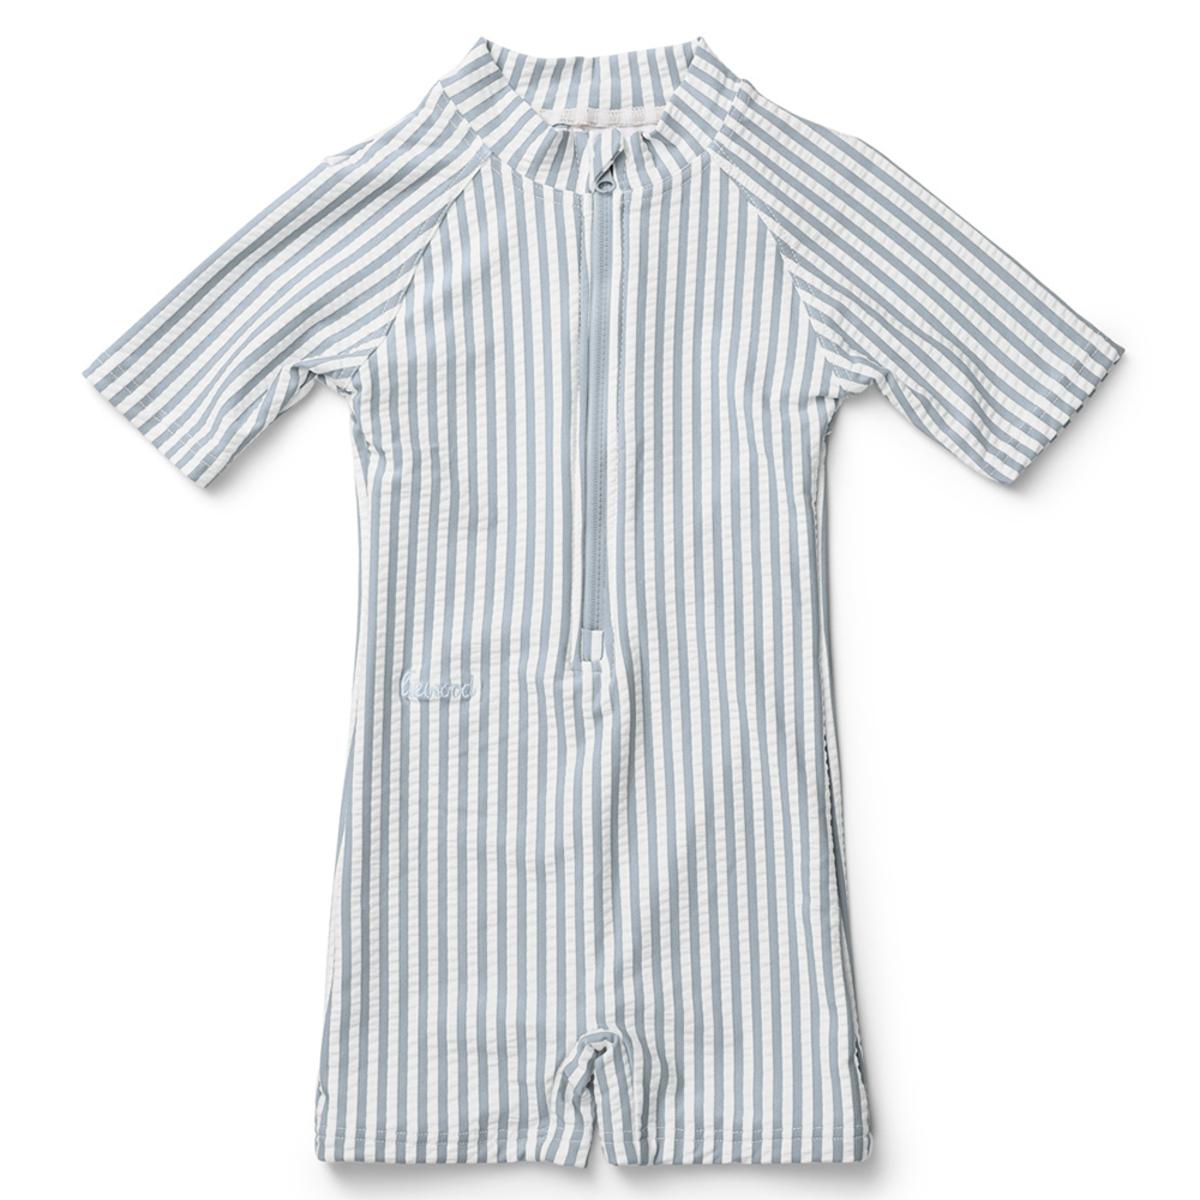 Accessoires bébé Combishort de Bain Max Rayé Bleu et Blanc - 9/18 Mois Combishort de Bain Max Rayé Bleu et Blanc - 9/18 Mois